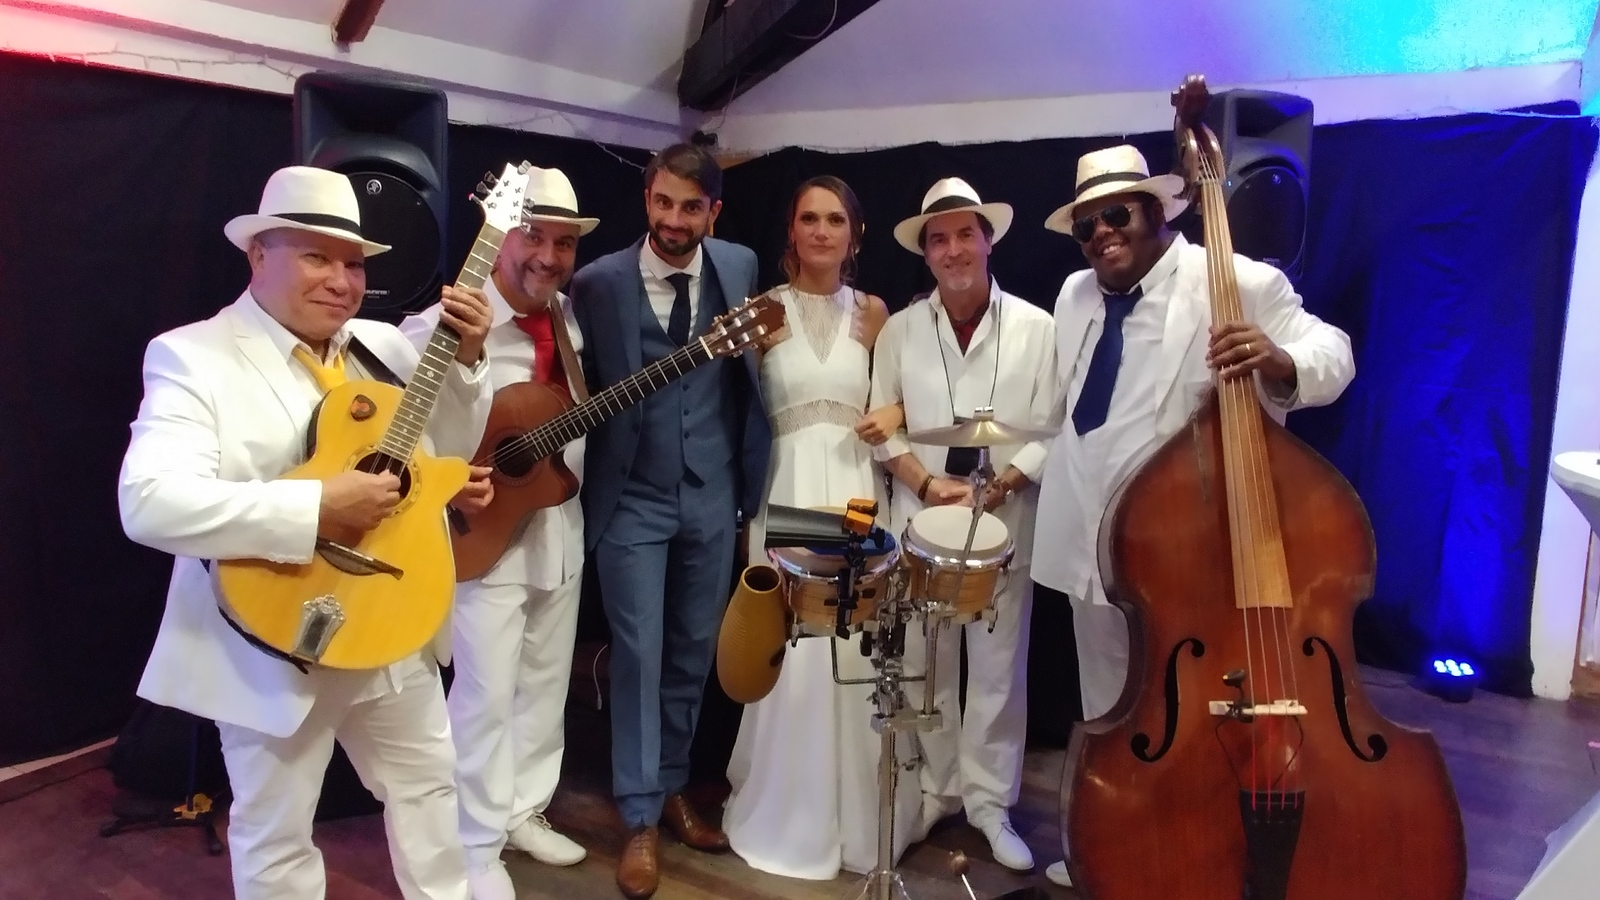 Orchestre salsa mariage musique latine Paris